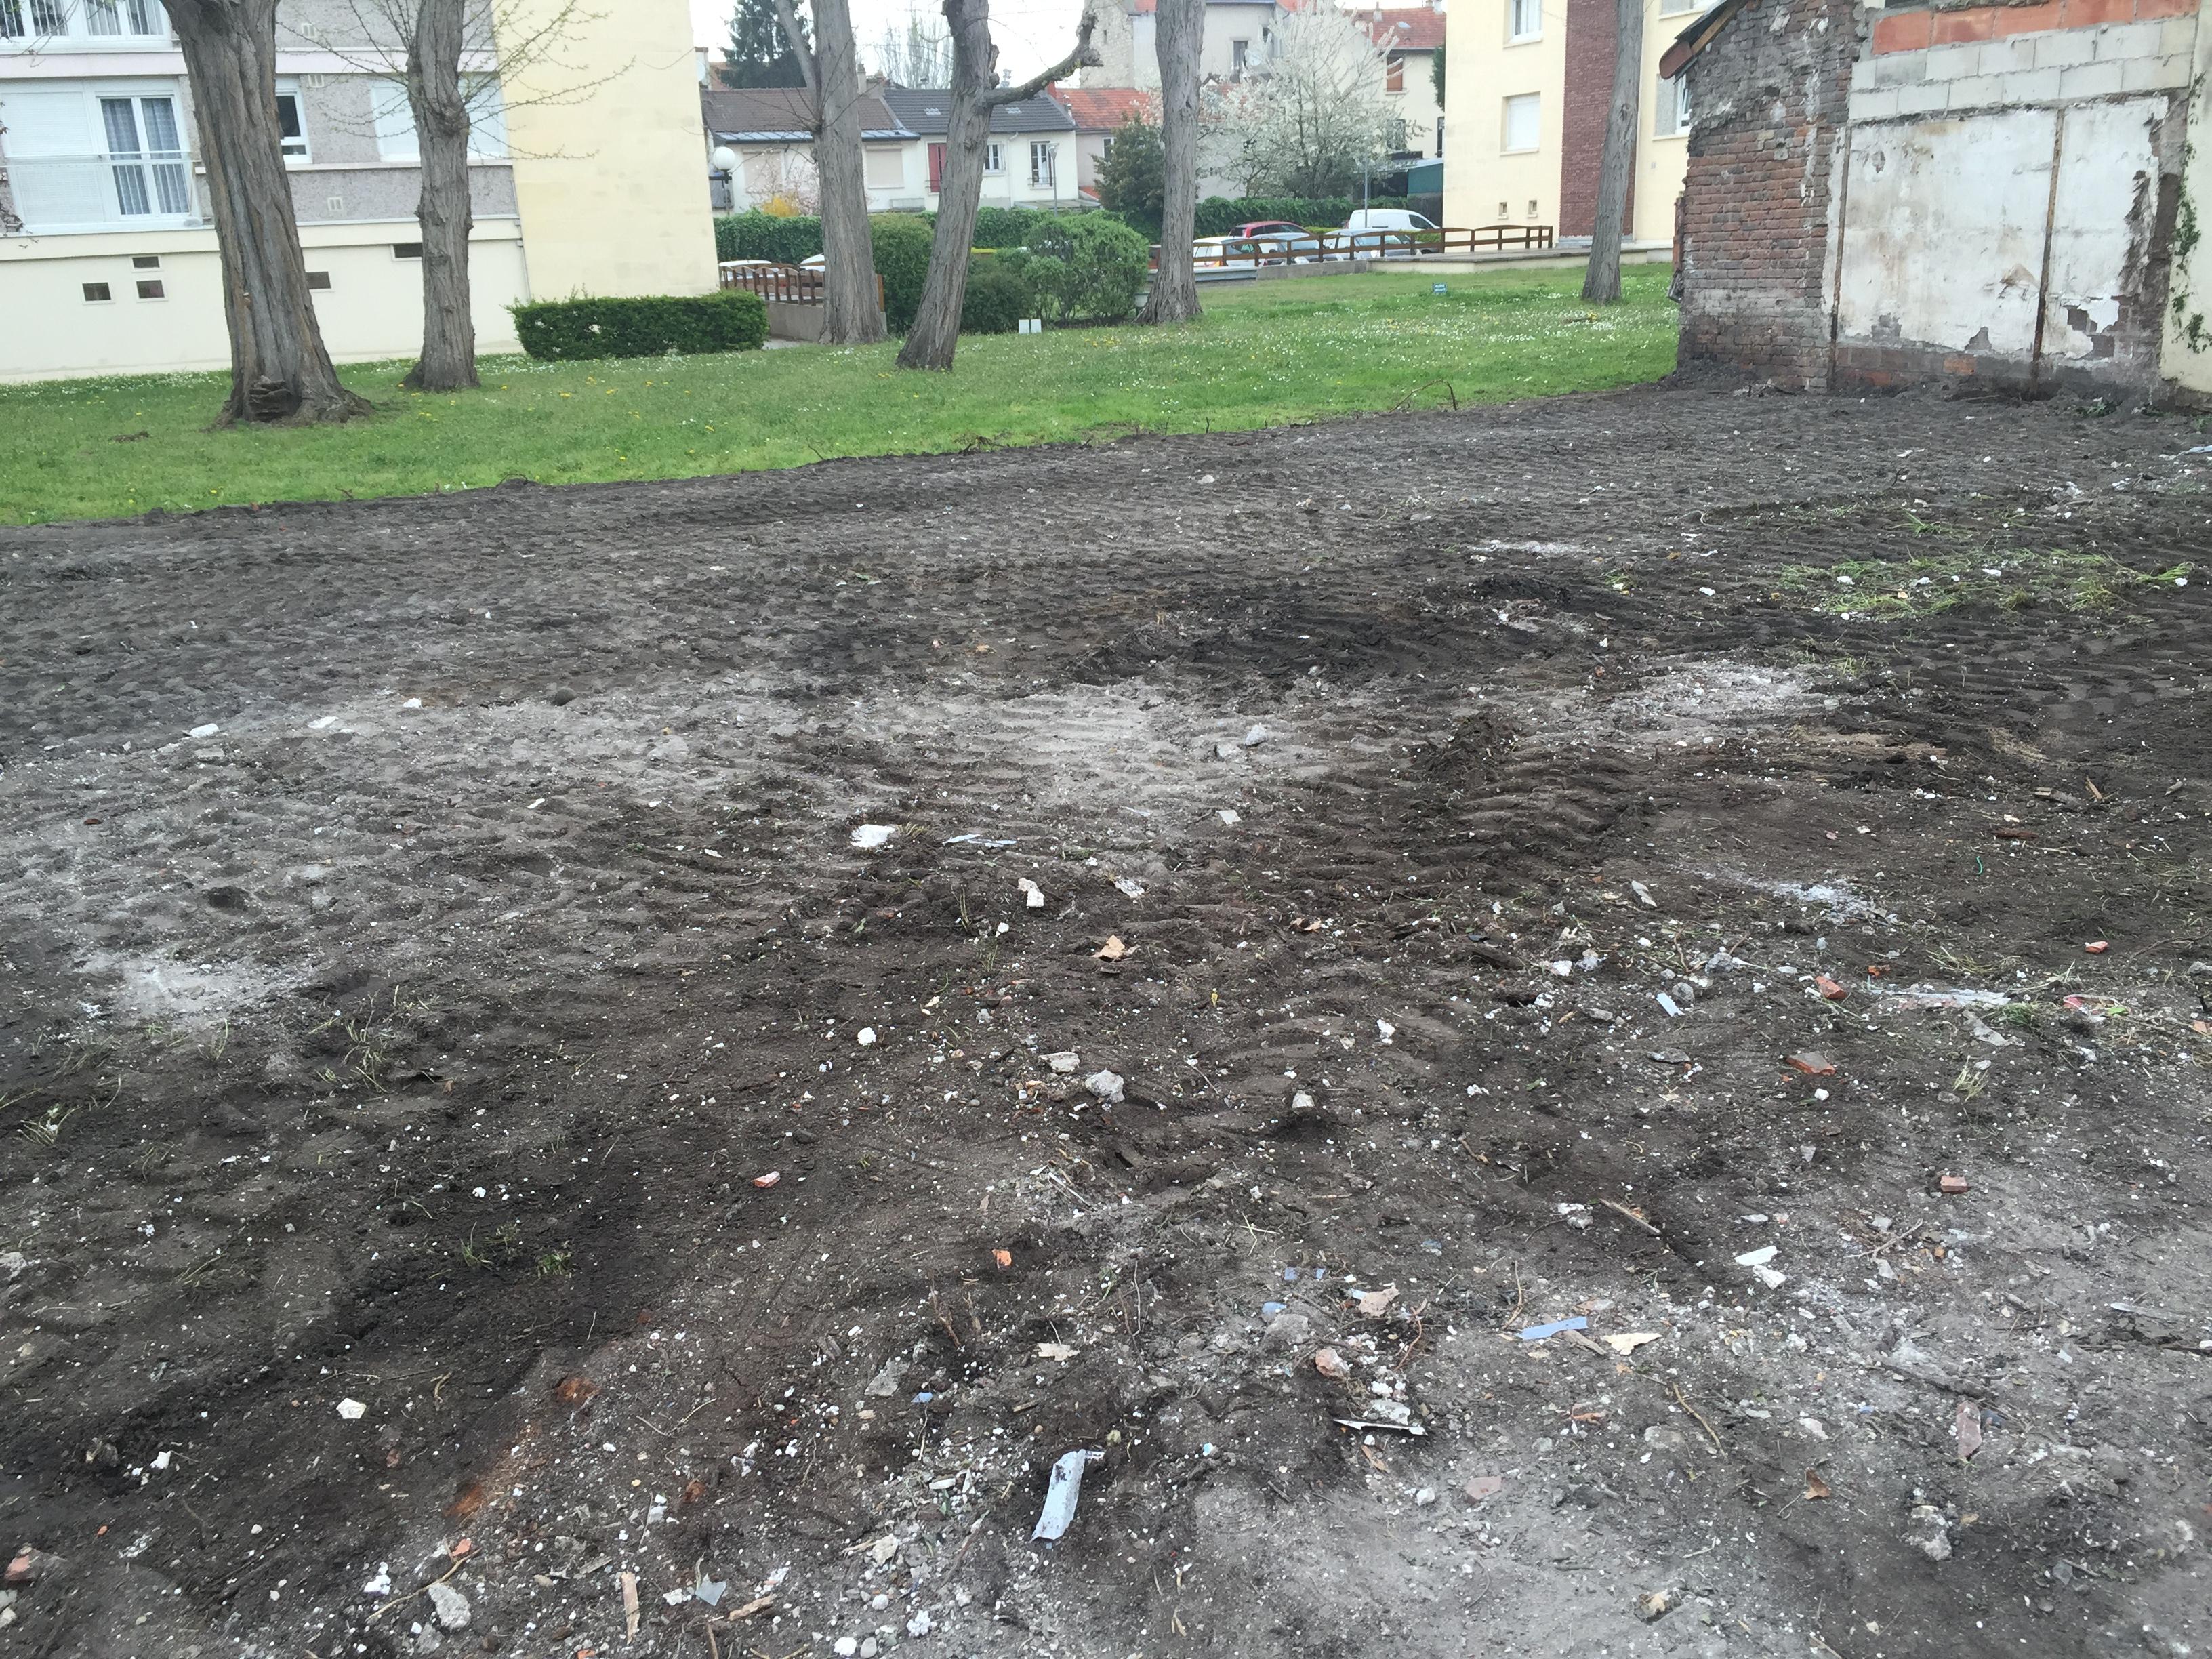 Terrain après démolition du bâtiment